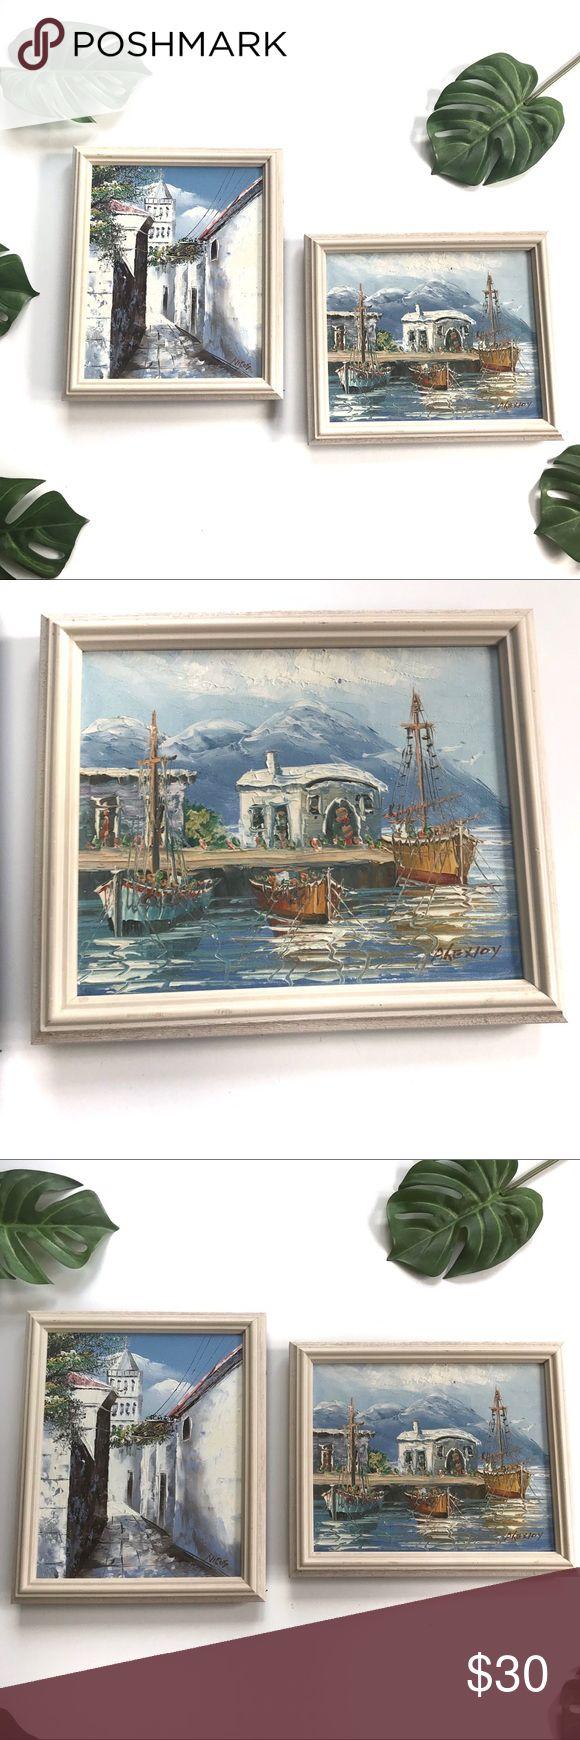 Heirloom Vintage Frame Hand Painted Greek Wall Art Heirloom Vintage Framed Hand ...